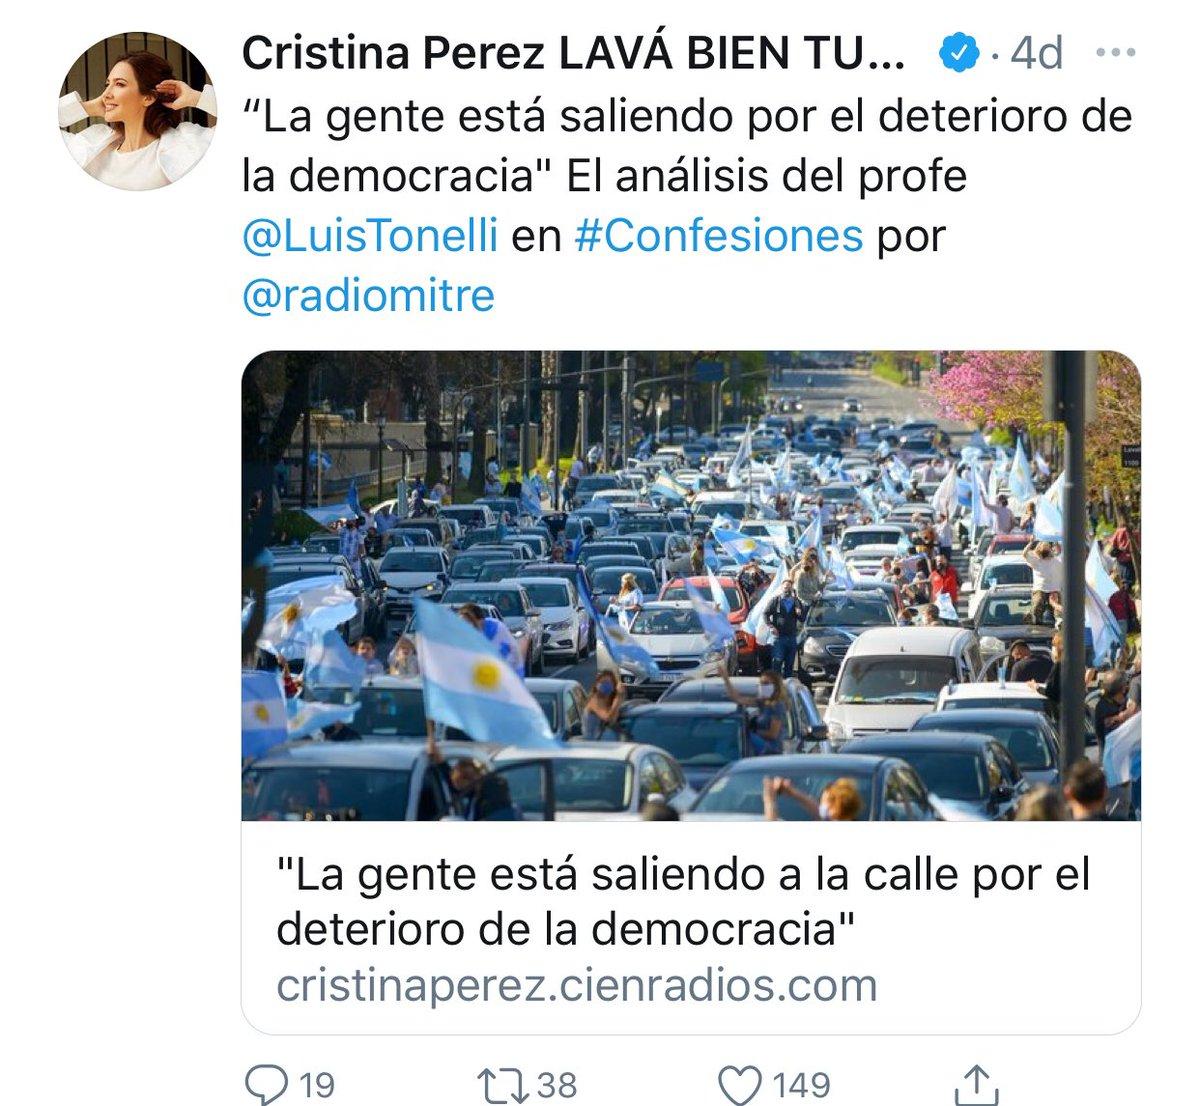 @Cris_noticias @PabloWende @radiomitre Mientras tanto en el mundo del periodismo que tiene precio y se vende al mejor postor de Cris, cuando la marcha es opositora, publica en sus redes... ahora sobre la marcha virtual por el 17 de octubre, nada dice... en fin, el periodismo que informa segun quien le pone el billete https://t.co/WVIPI8xvJI